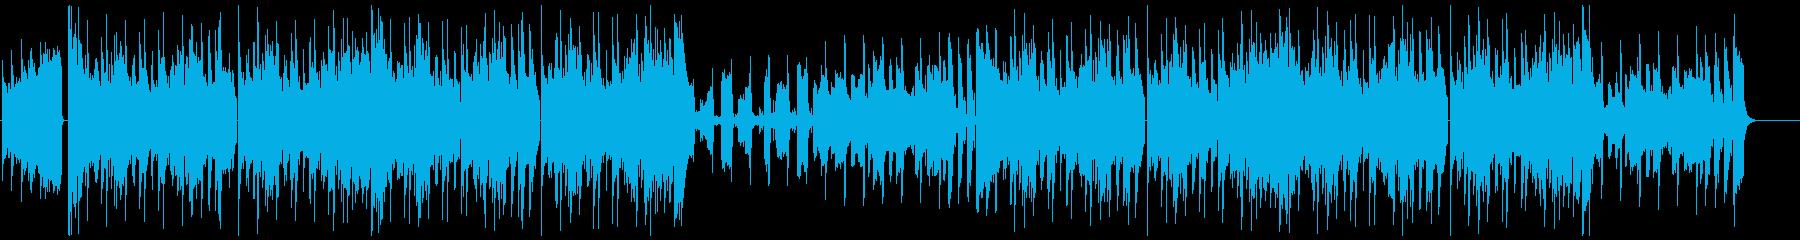 軽快/クール/ヒップホップの再生済みの波形